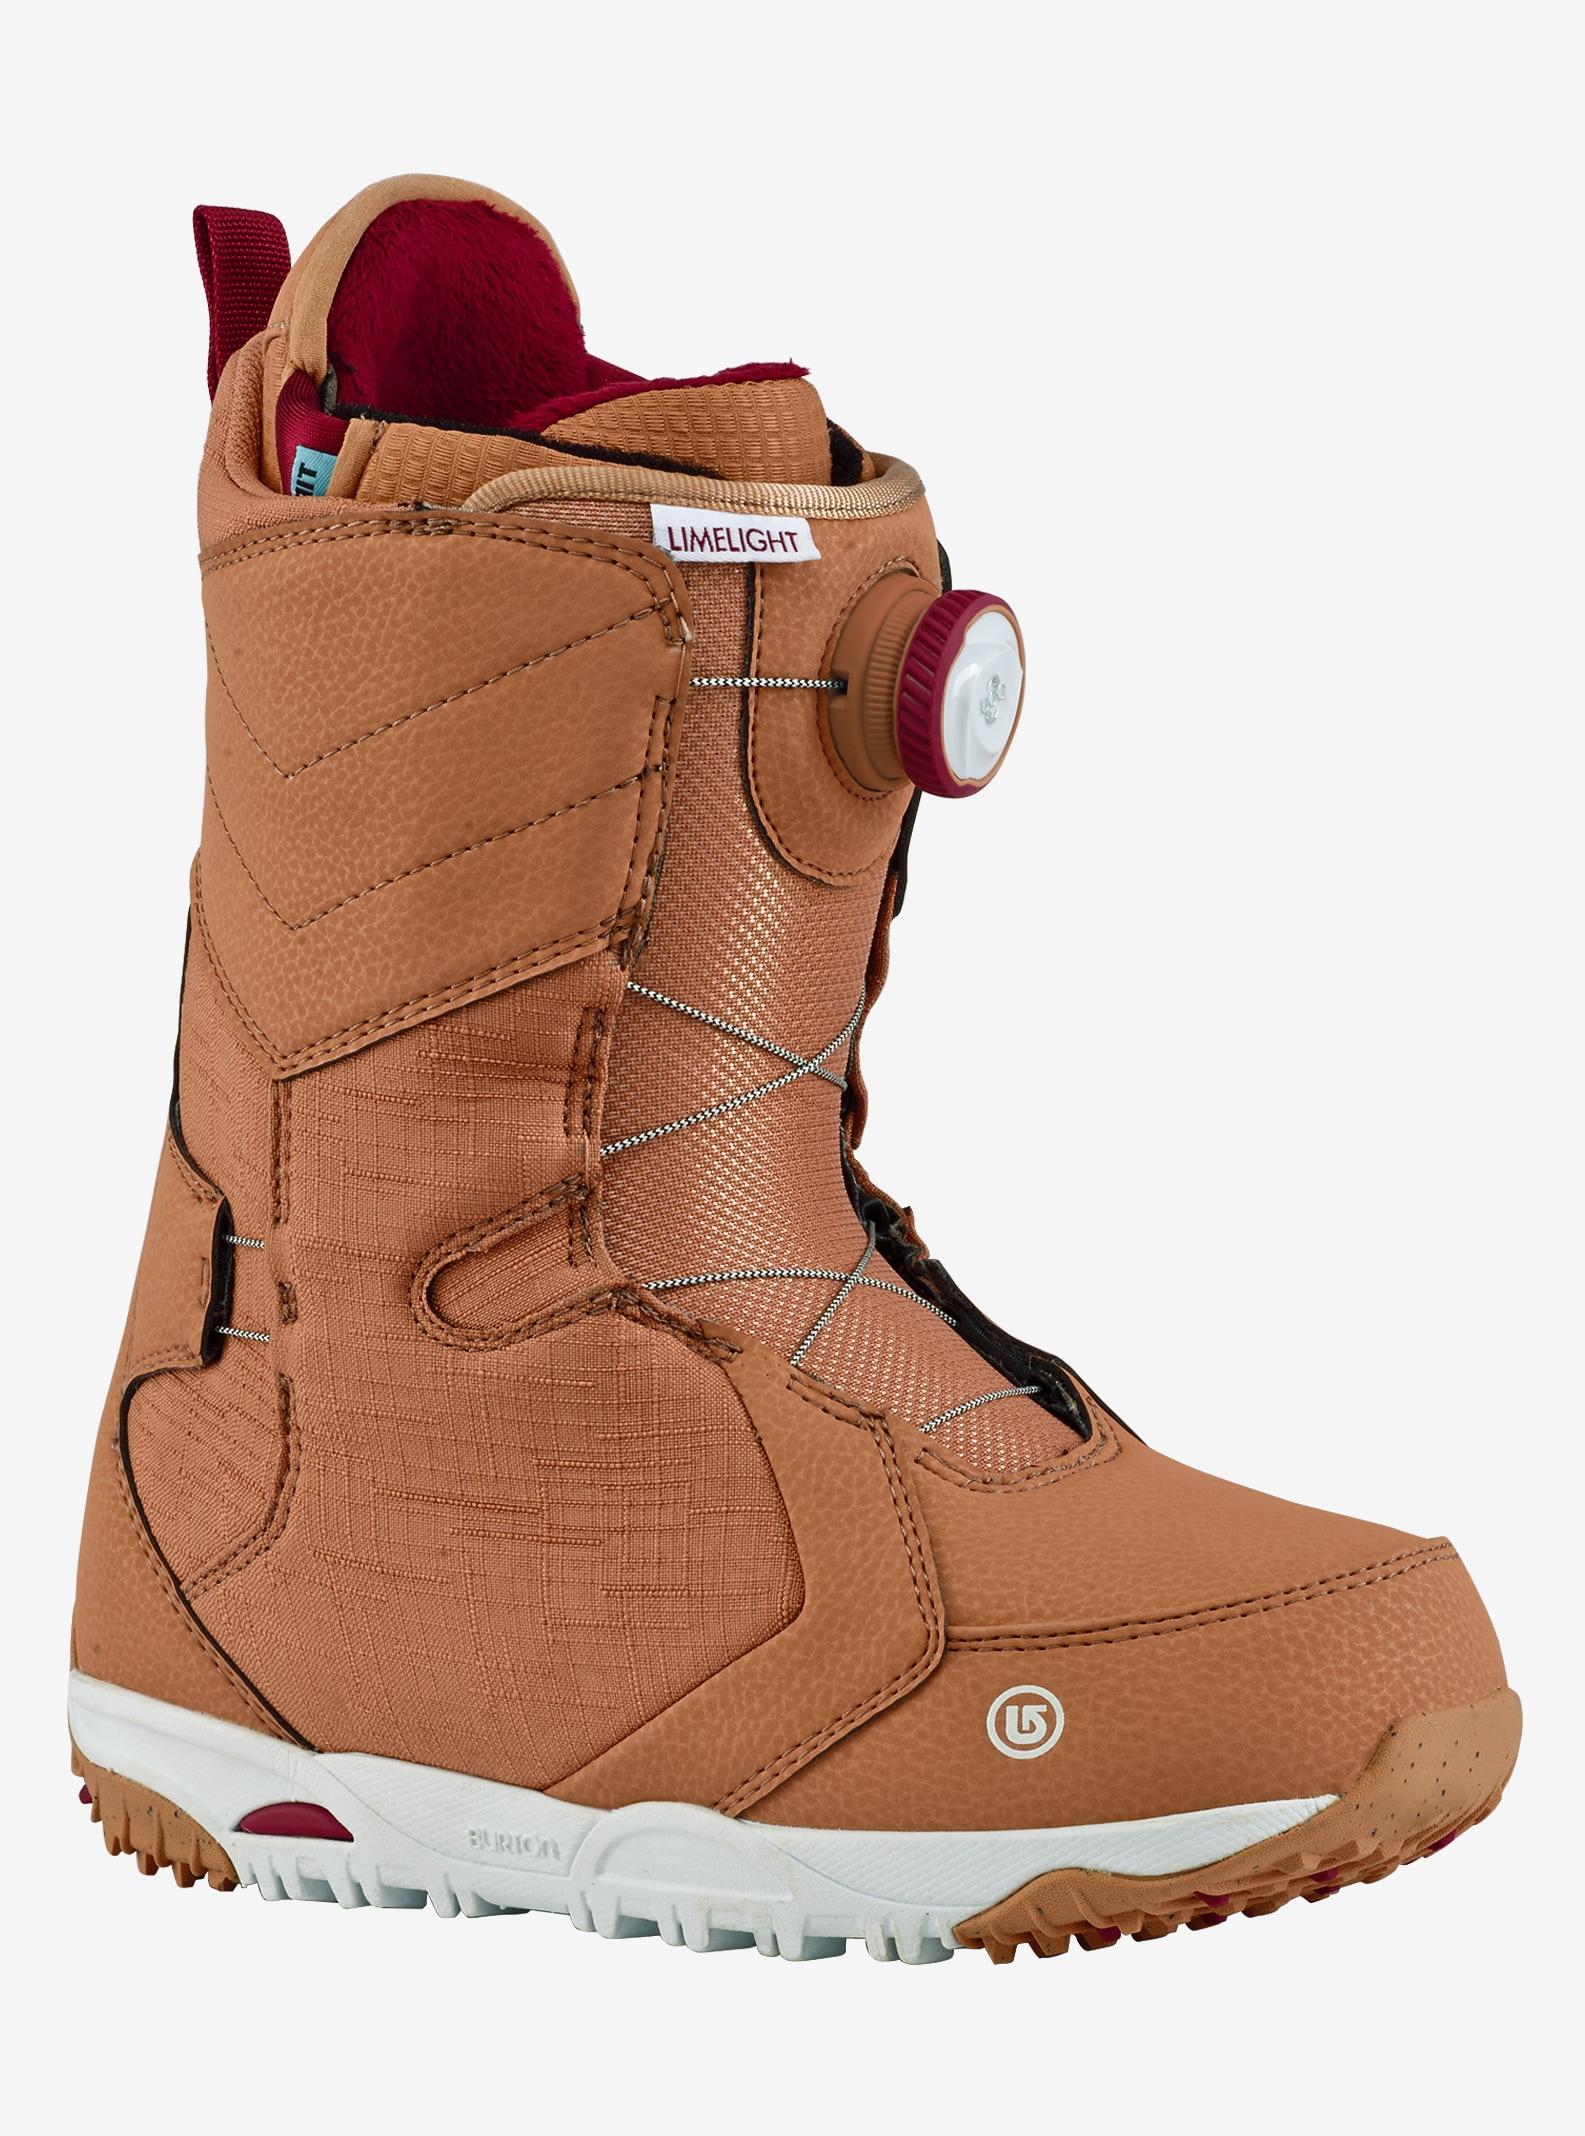 Women's Burton Limelight Boa® Snowboard Boot shown in Blush